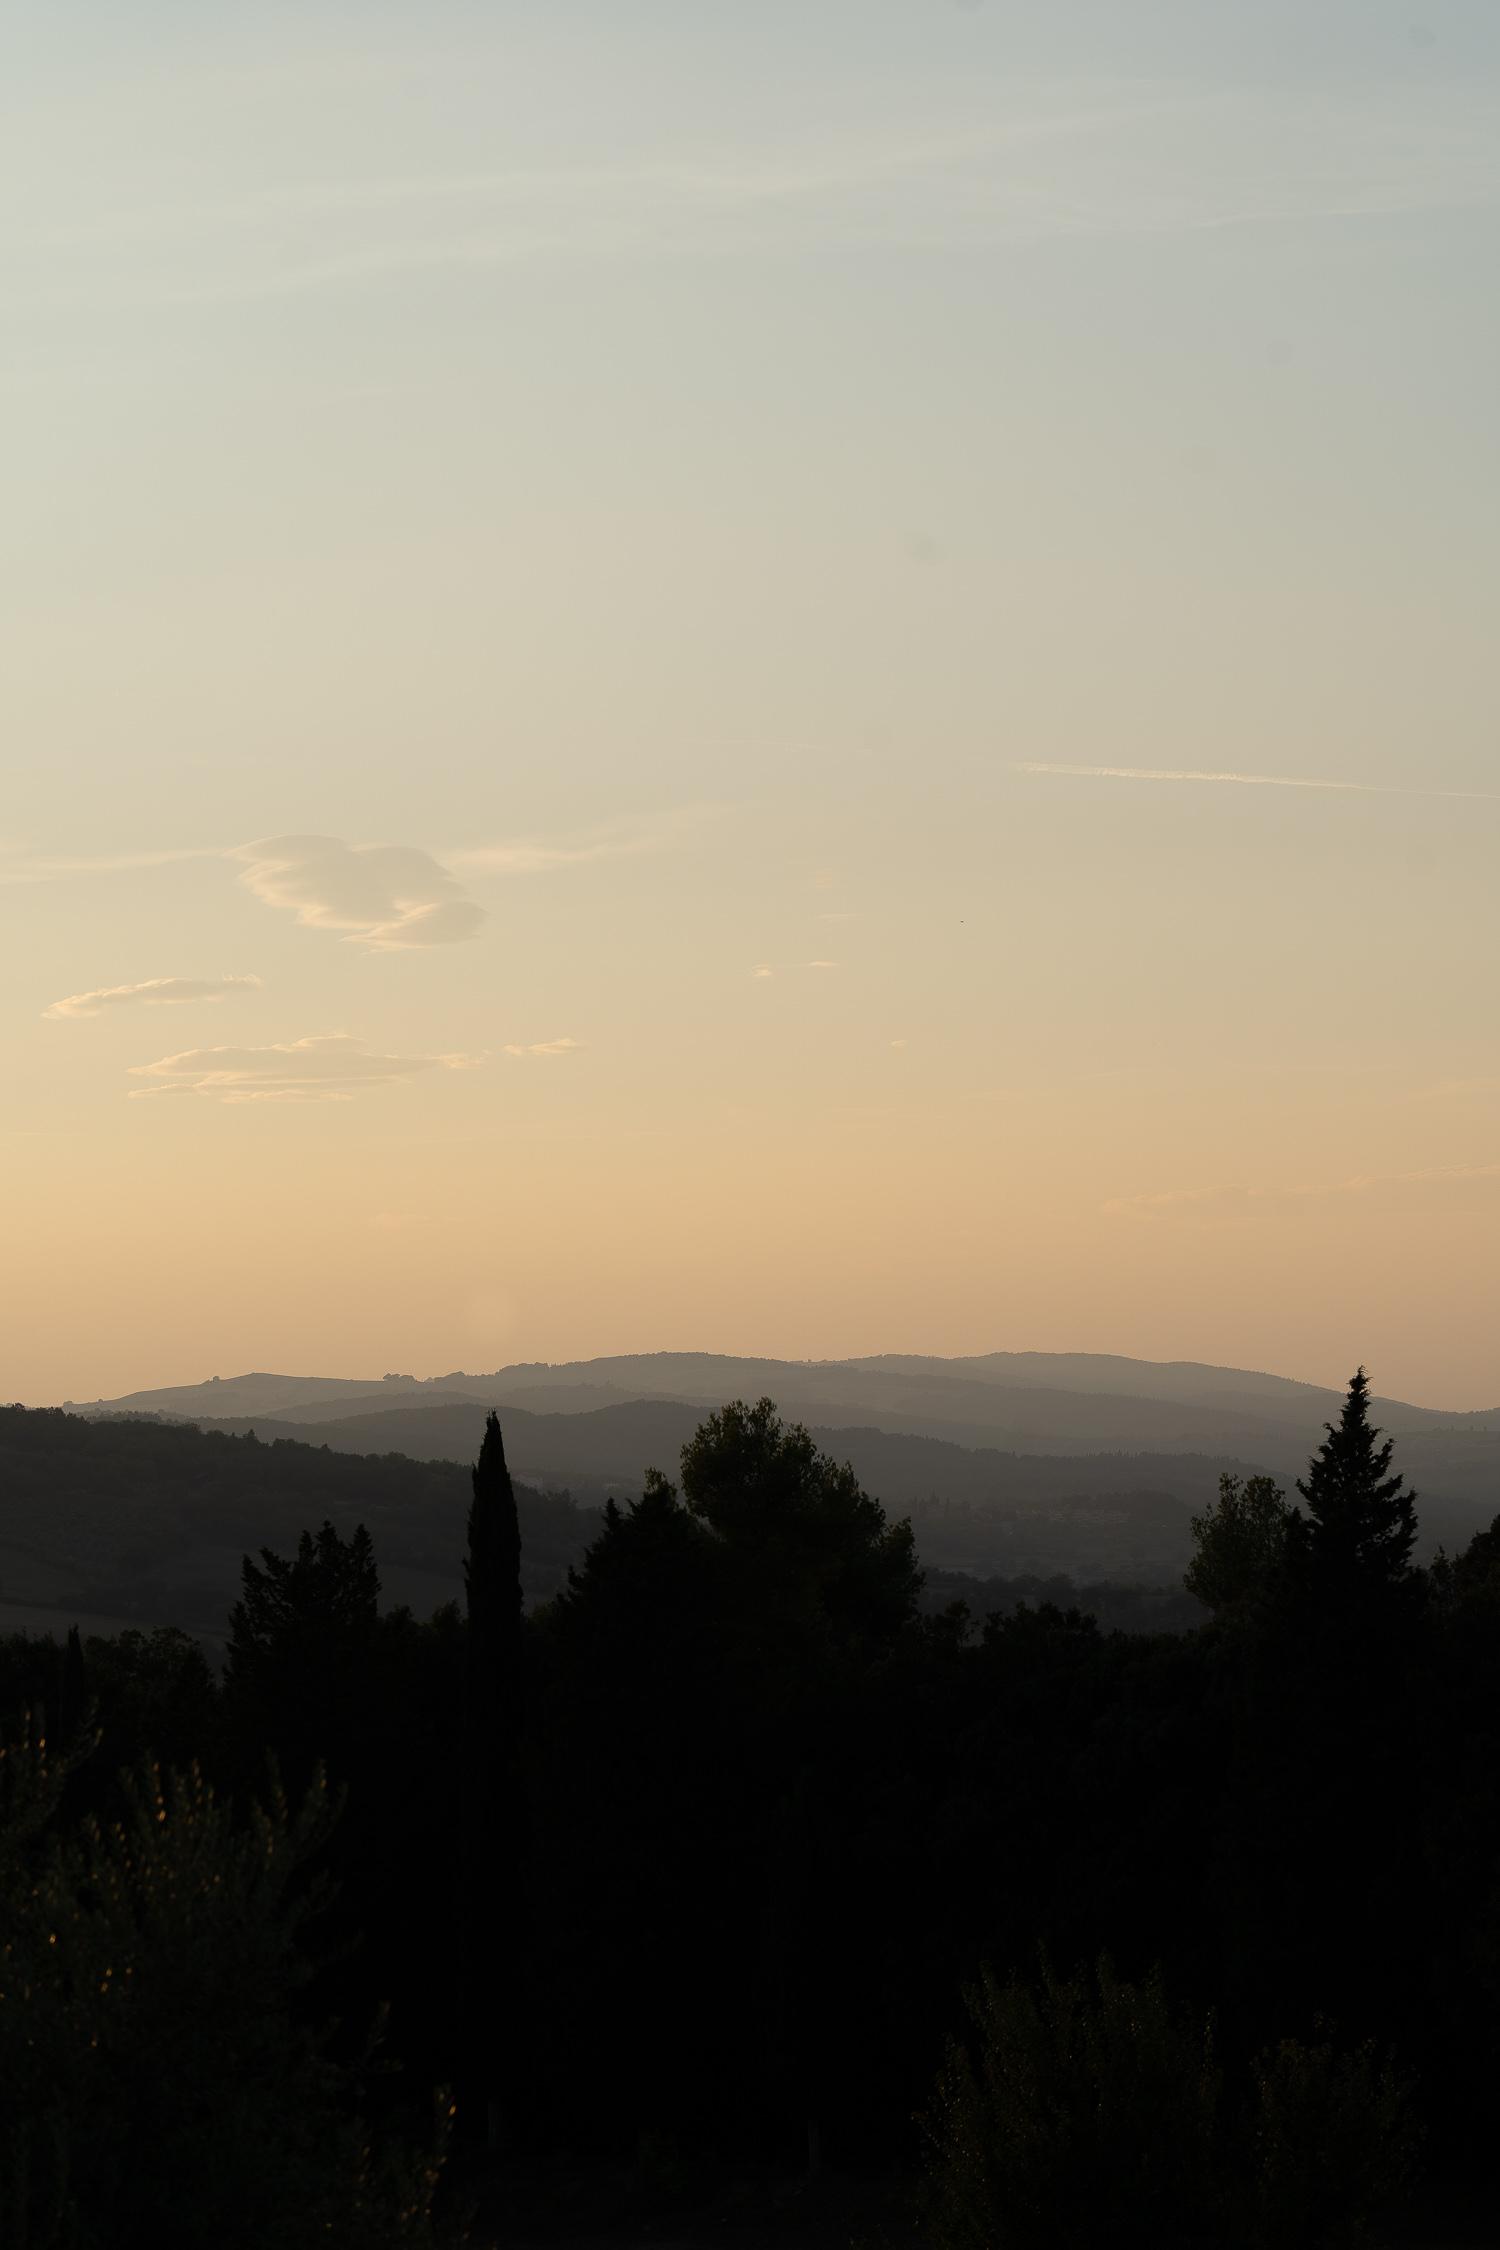 Tuscany-landscape-01869.jpg